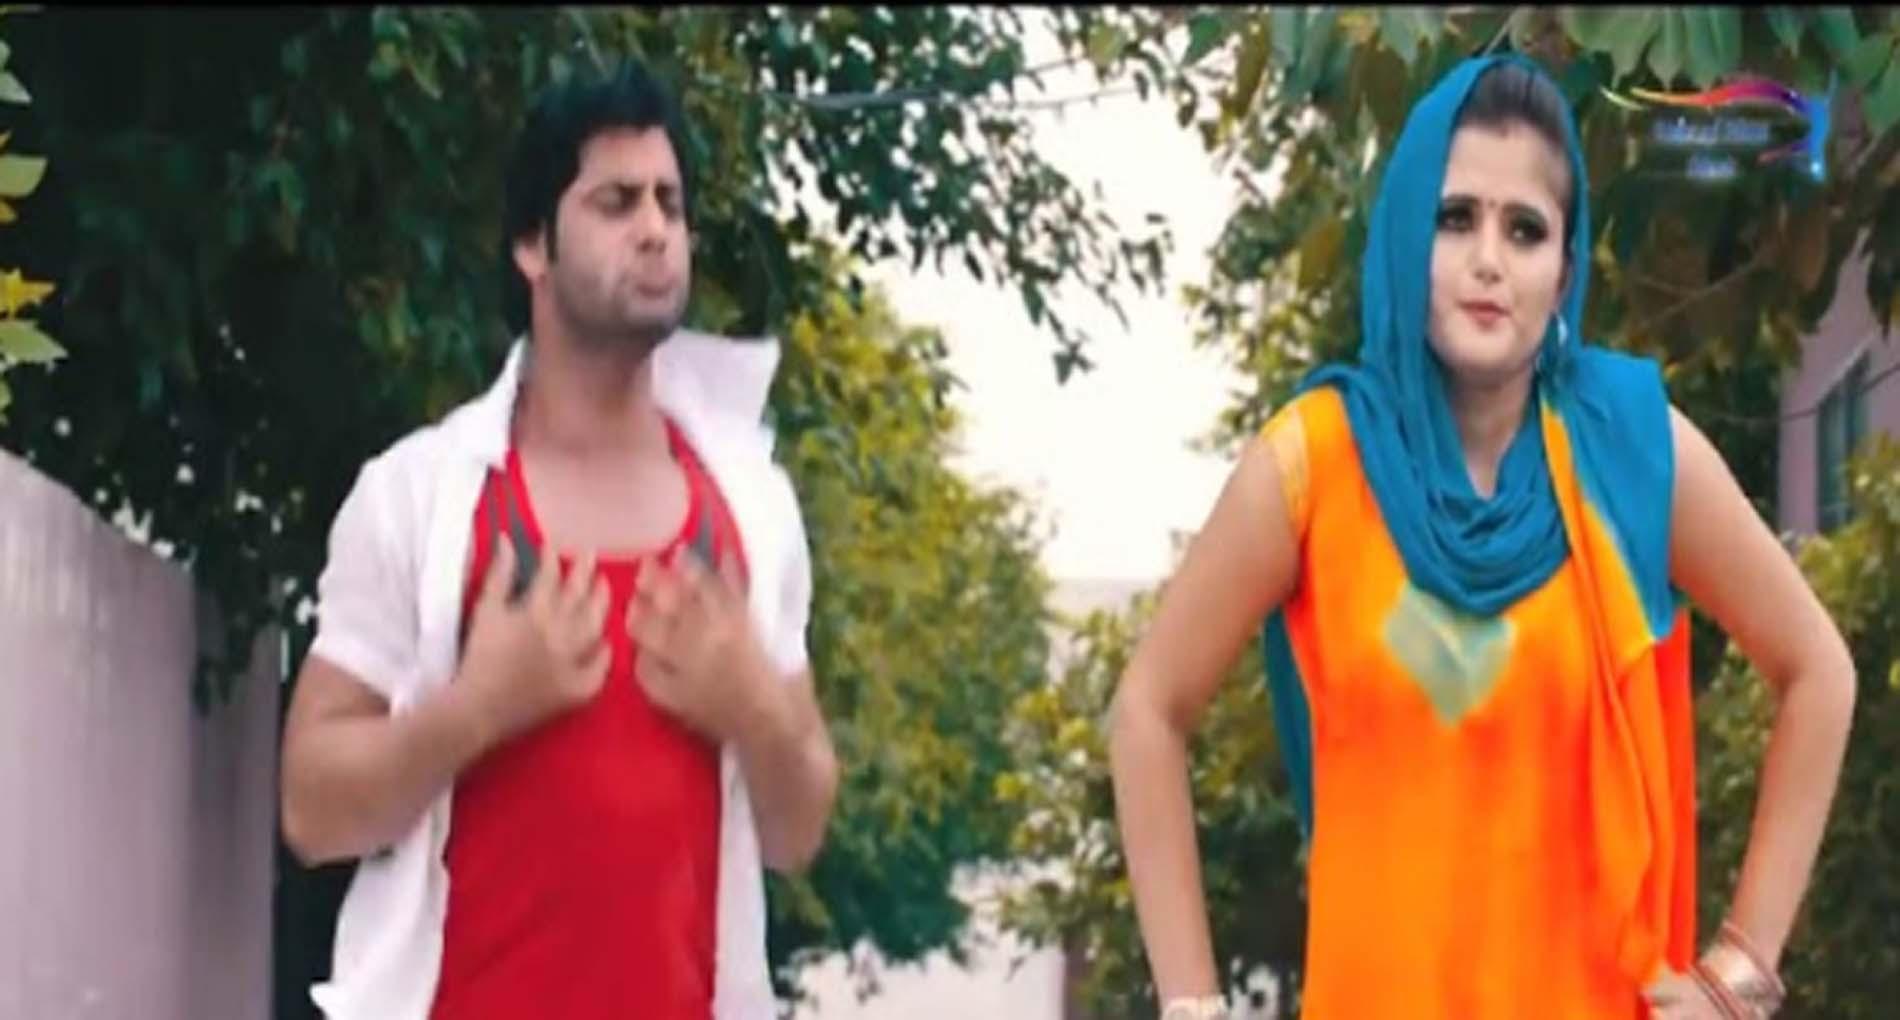 Haryanvi songs: सोशल मीडिया पर हरियाणवी गानों की धूम! मिले 620 मिलियन व्यूज